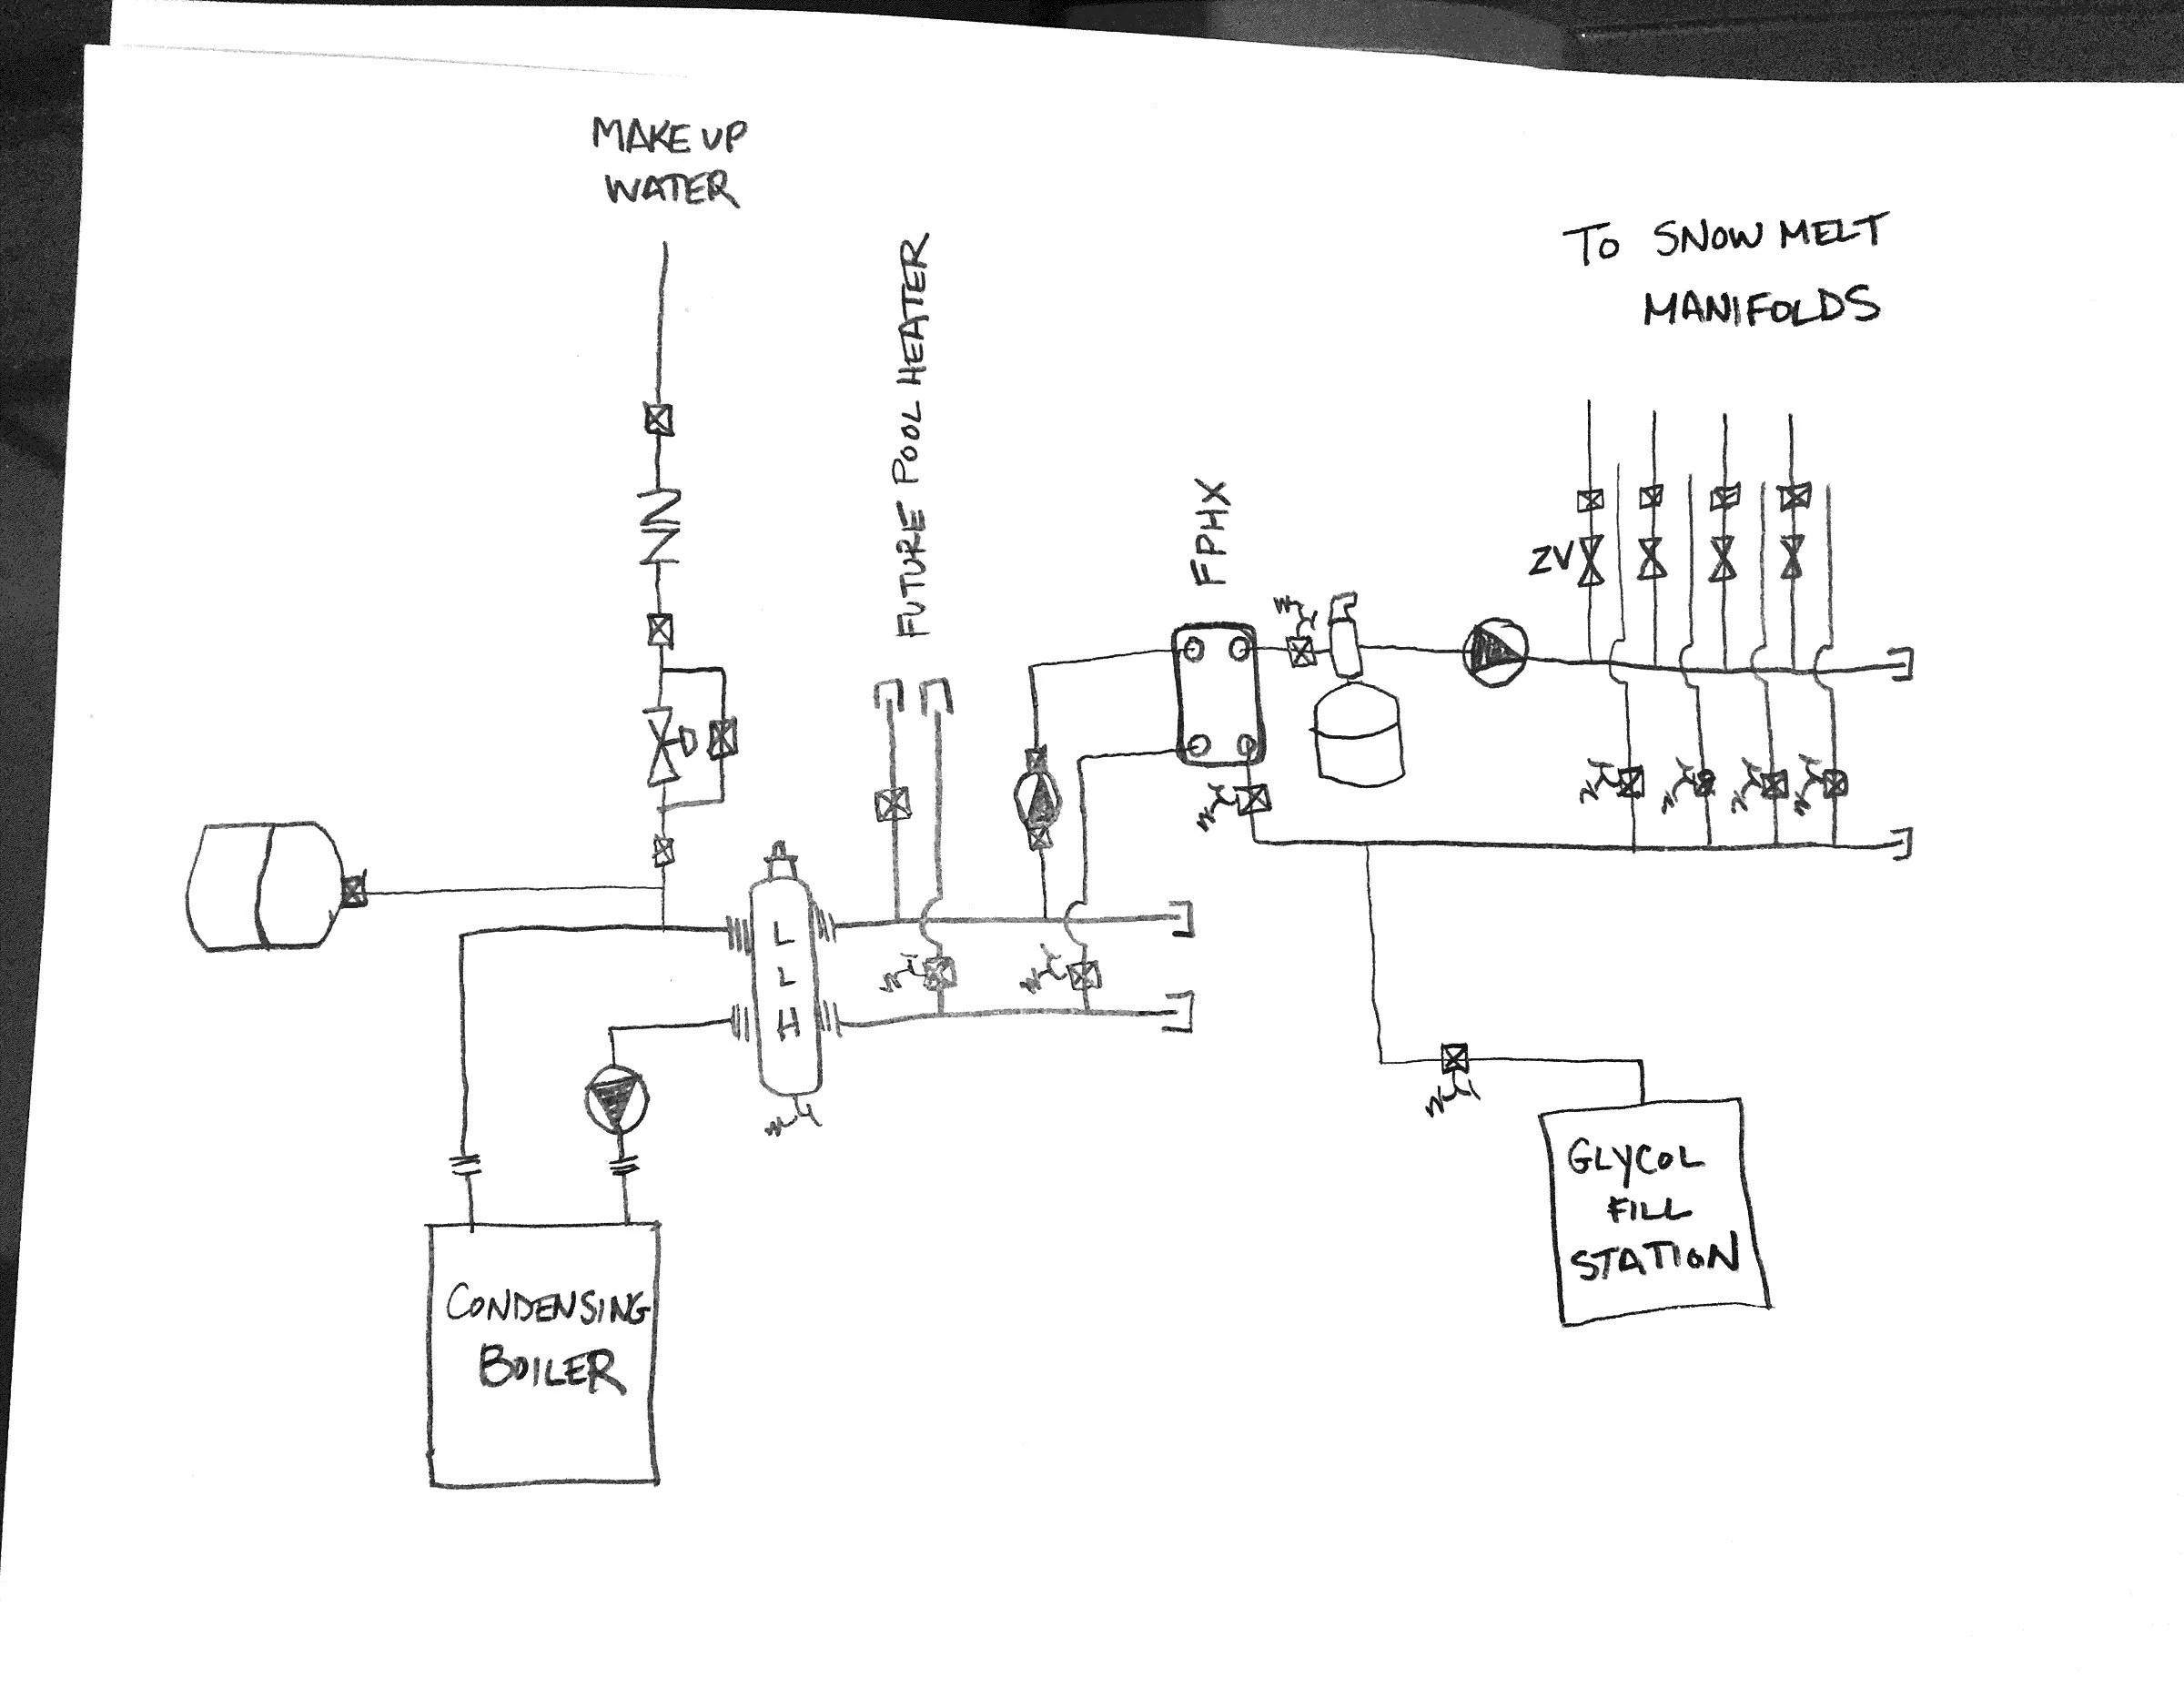 First Snowmelt Project Near Boiler Schematic